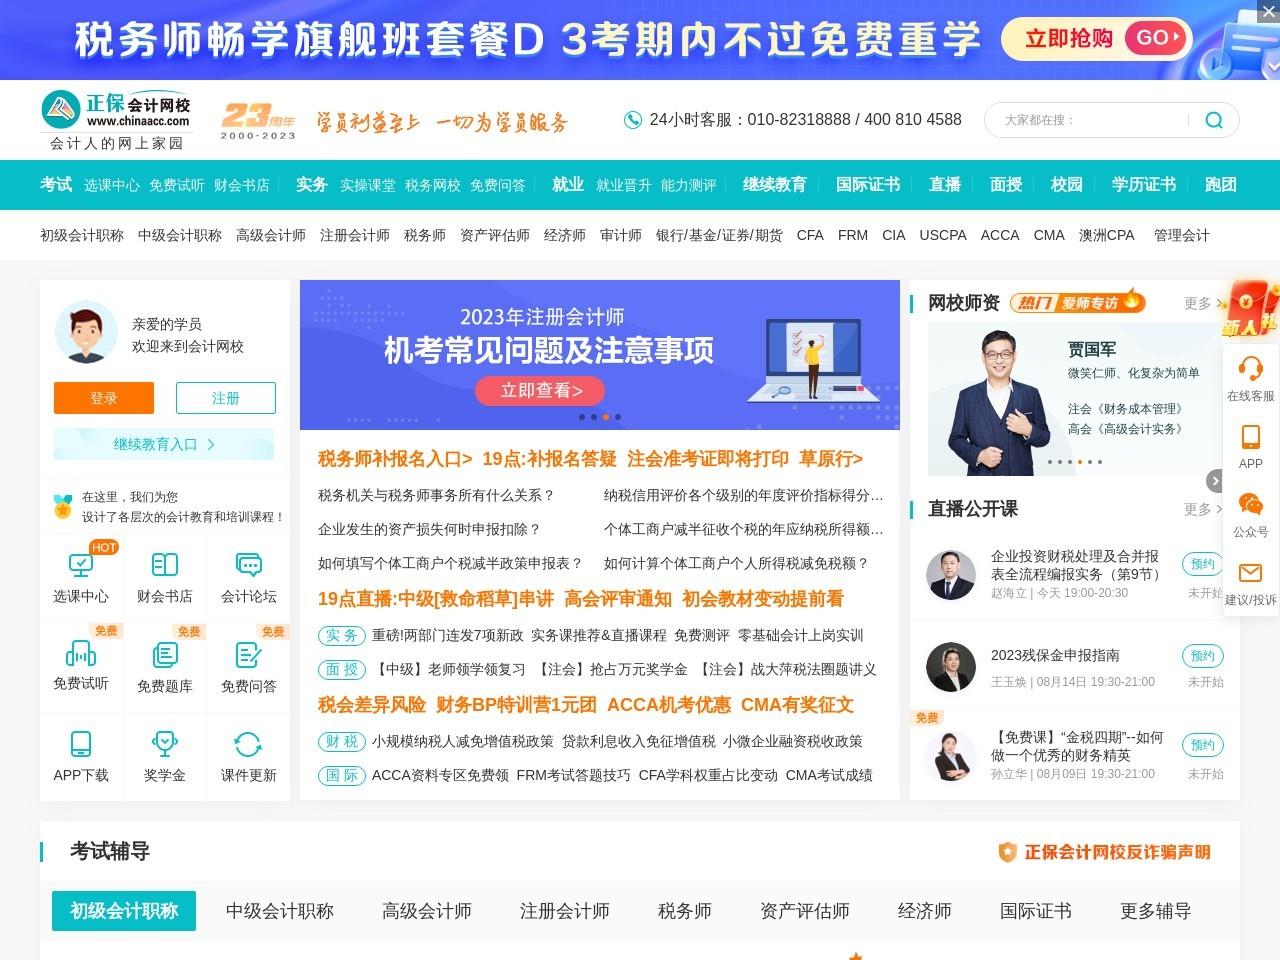 财会引路人_名师访谈_财会人推荐清单-中华会计网校